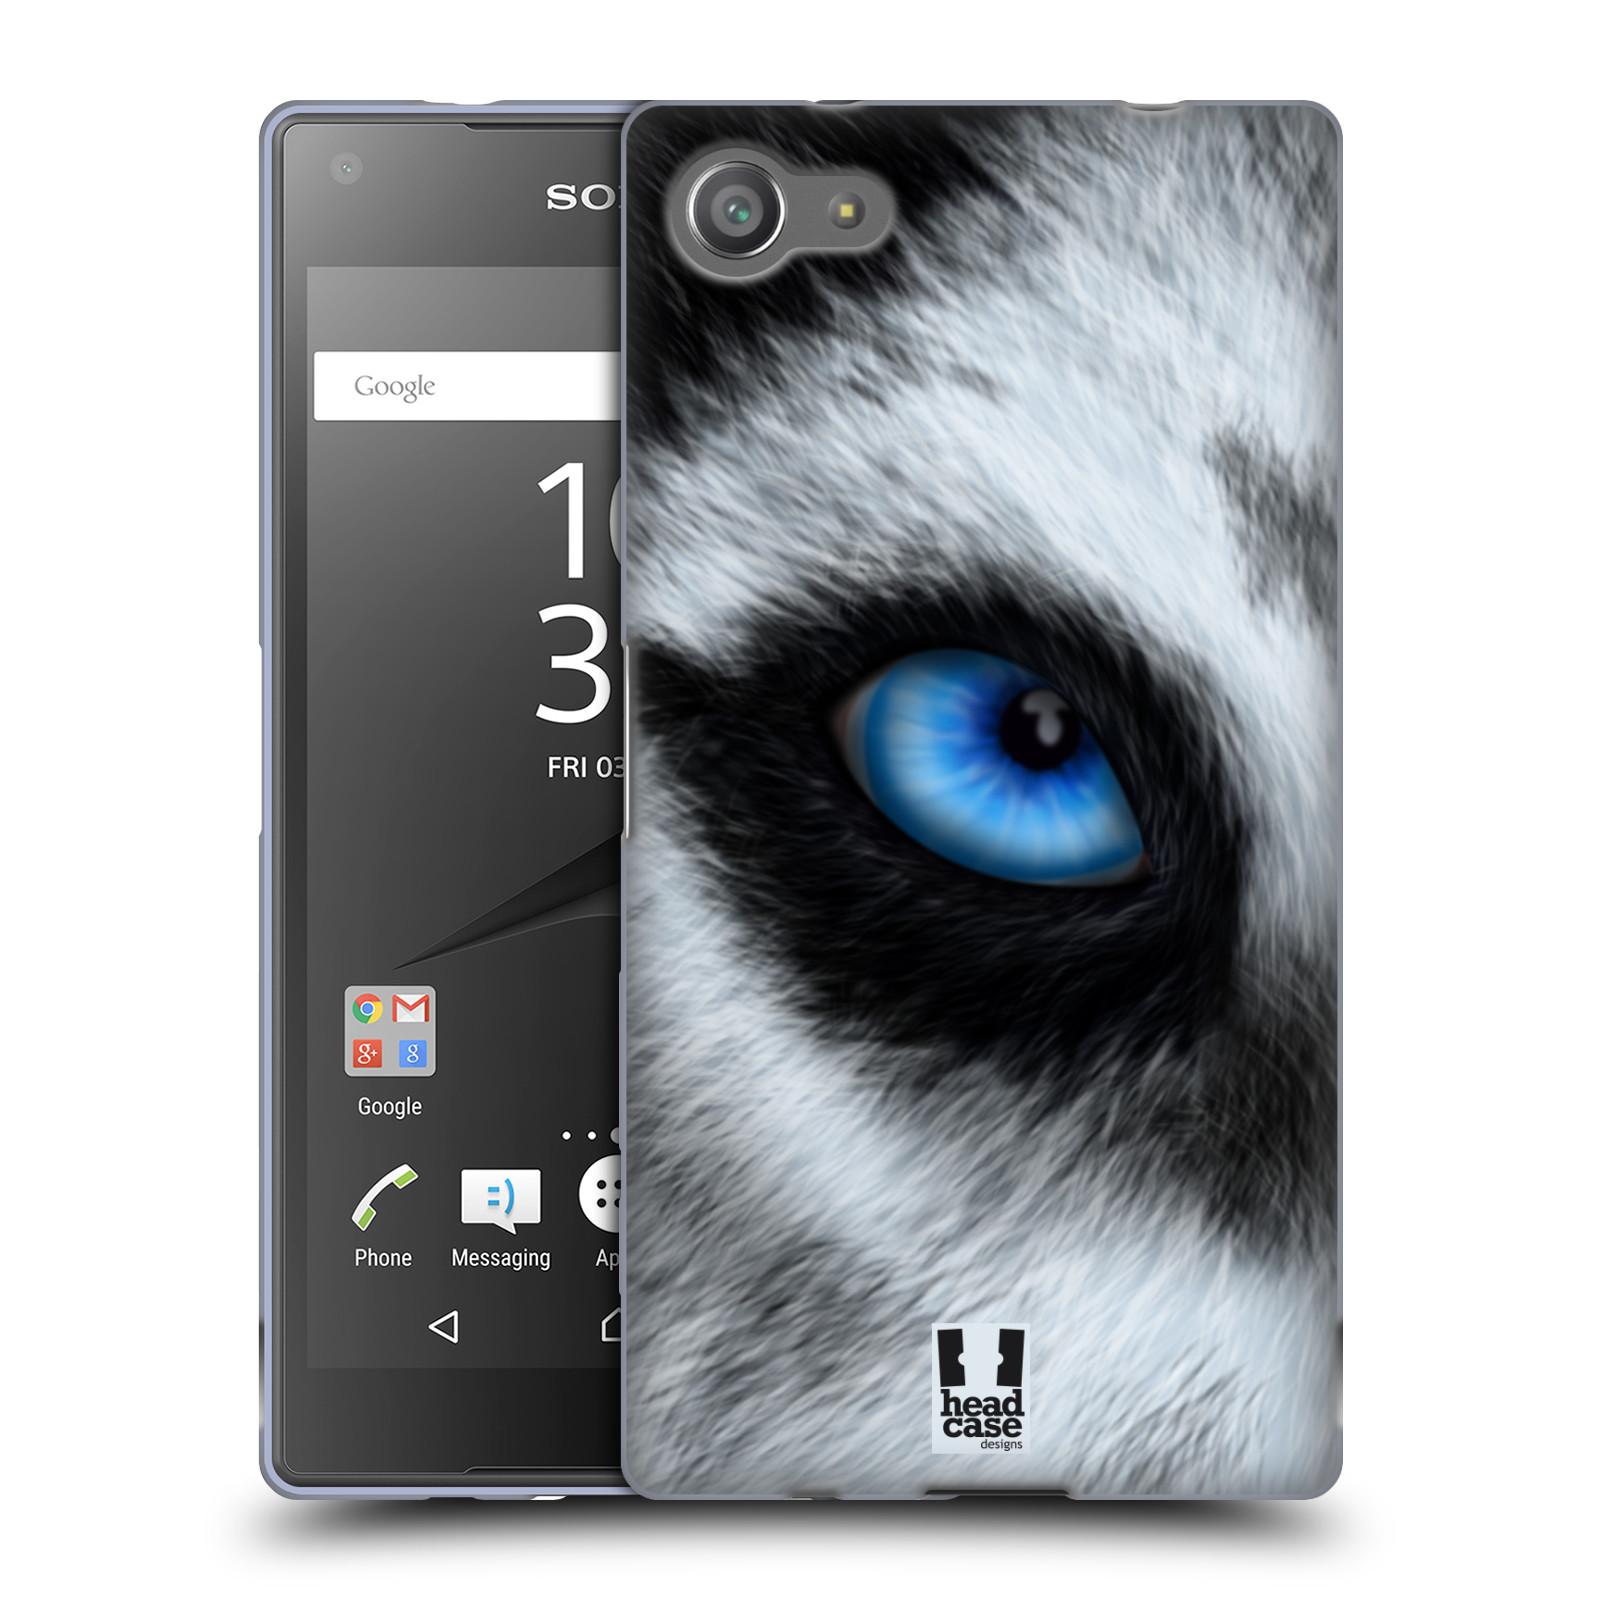 HEAD CASE silikonový obal na mobil Sony Xperia Z5 COMPACT vzor pohled zvířete oko pes husky